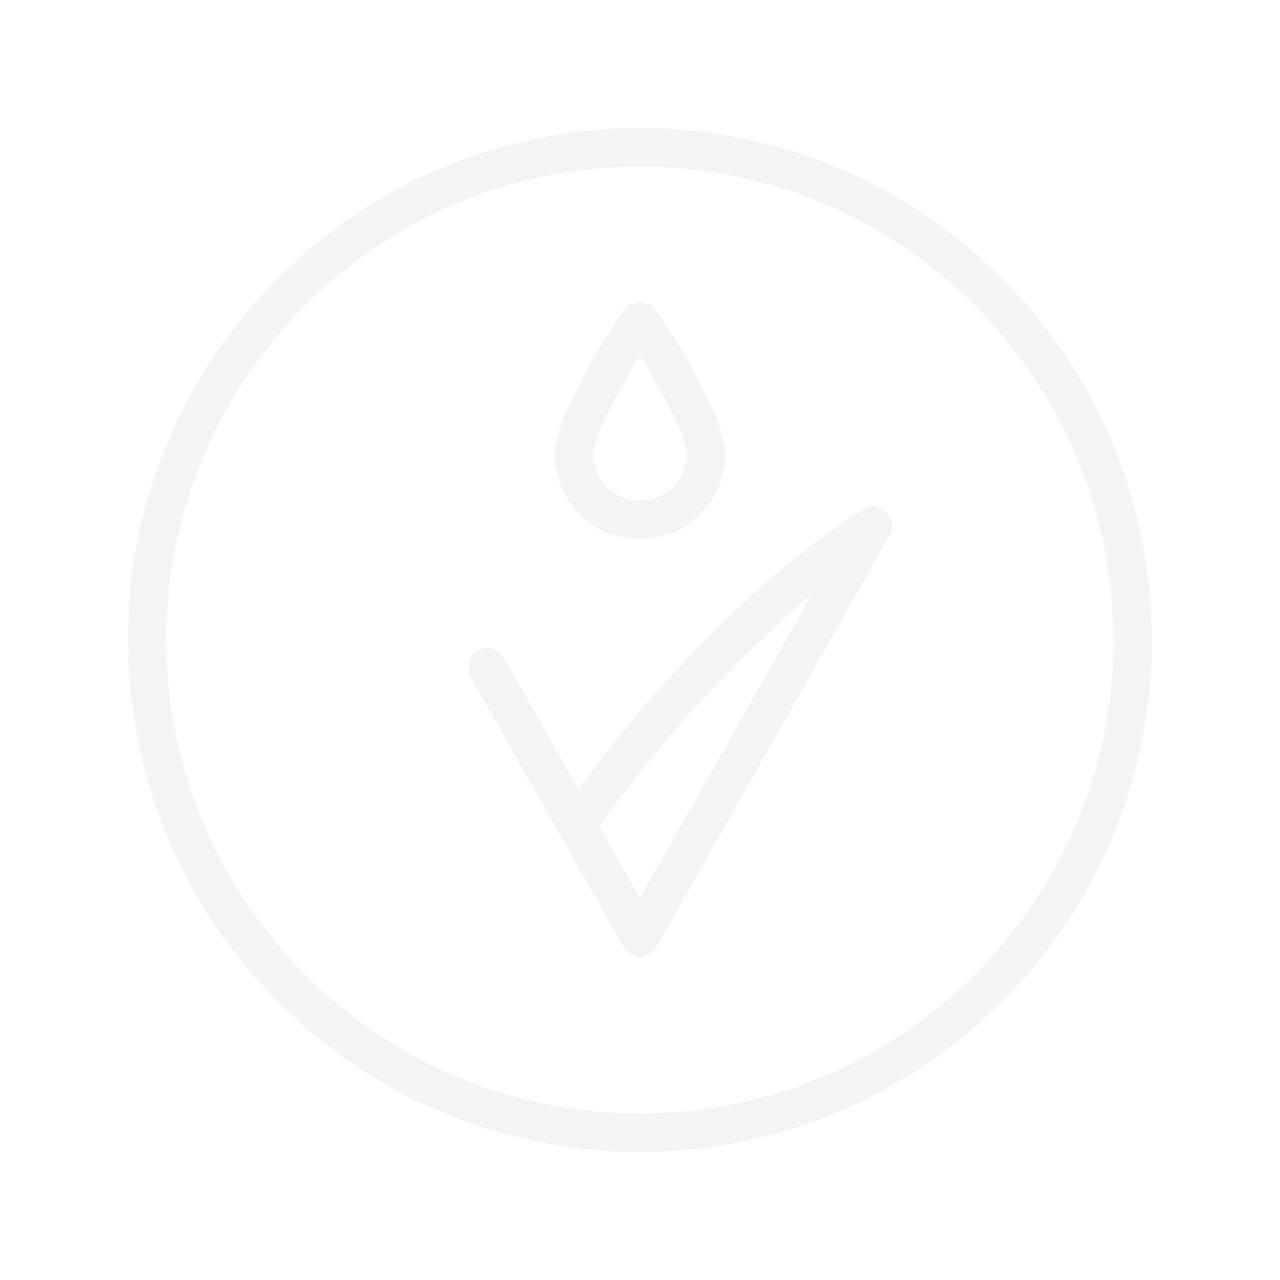 NANSHY Lip Makeup Brush White